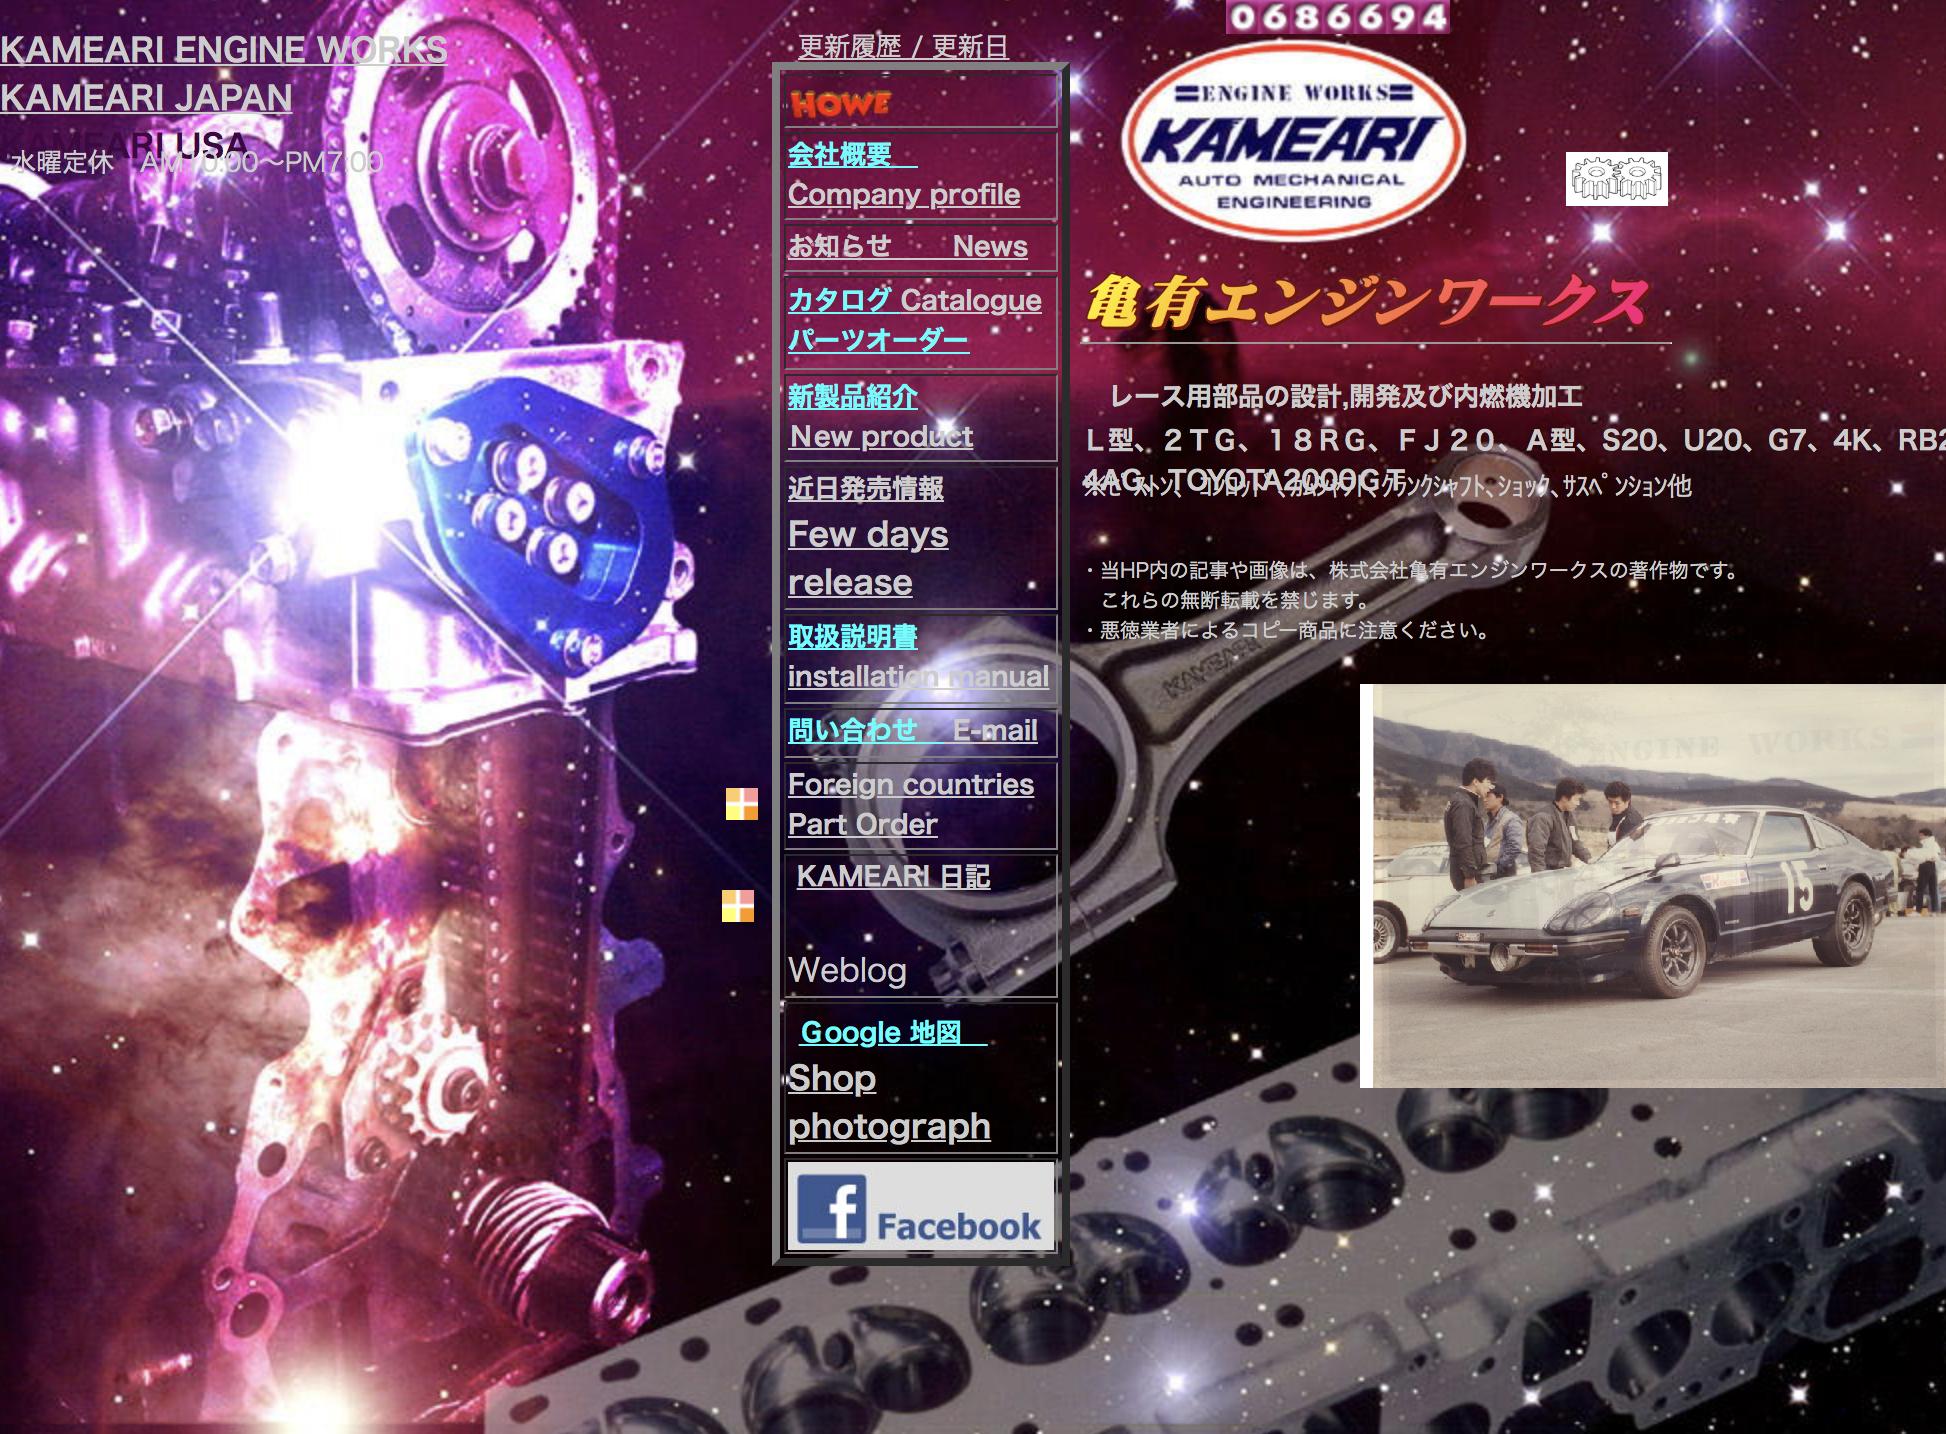 亀有エンジンワークスの画像